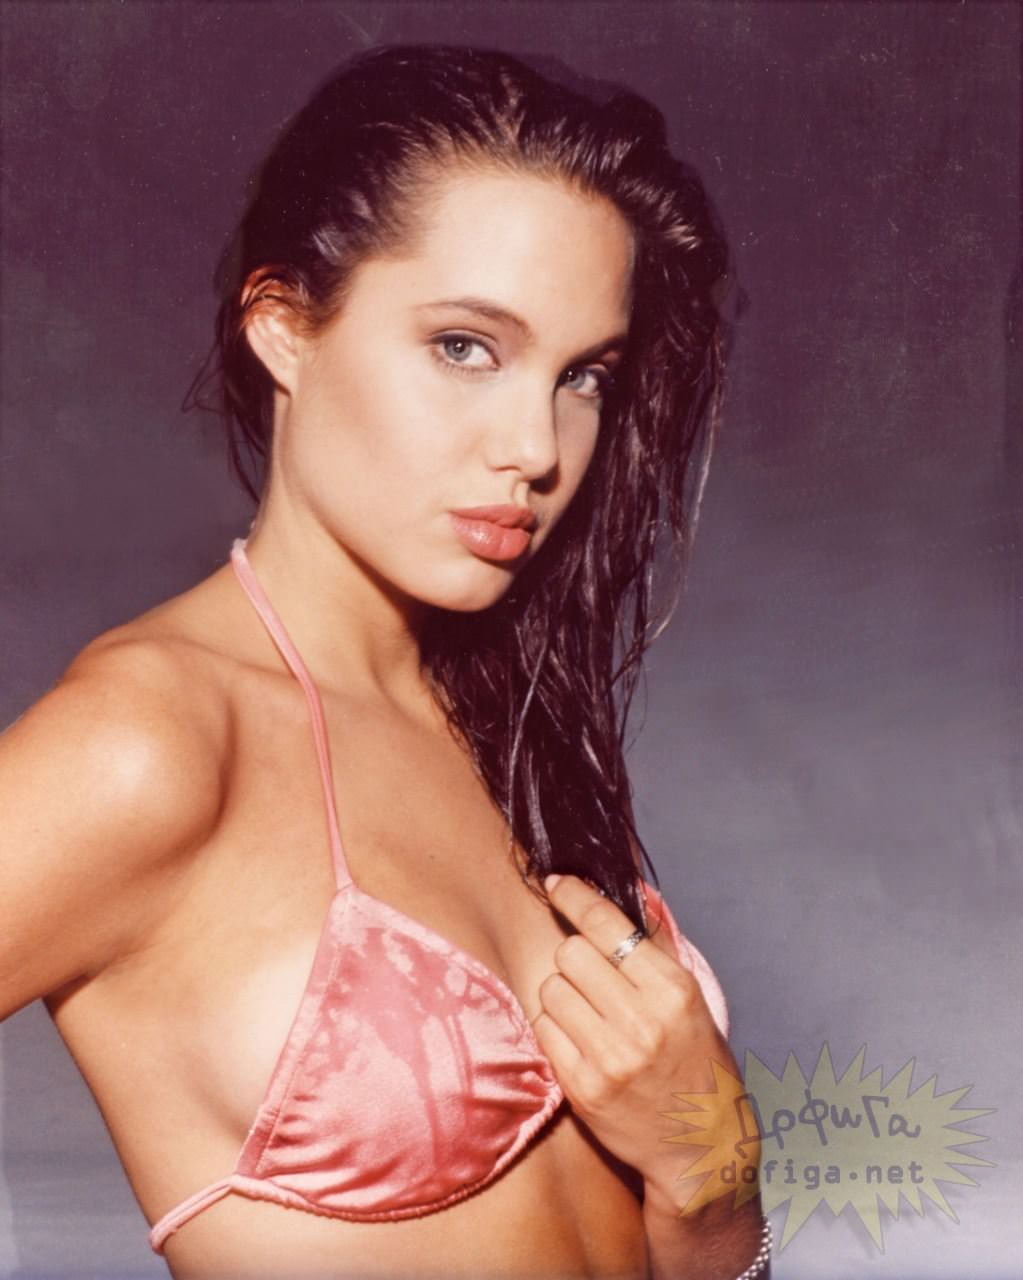 【外人】世界トップレベルの美女アンジェリーナ·ジョリー(Angelina Jolie)のポルノ画像 4237